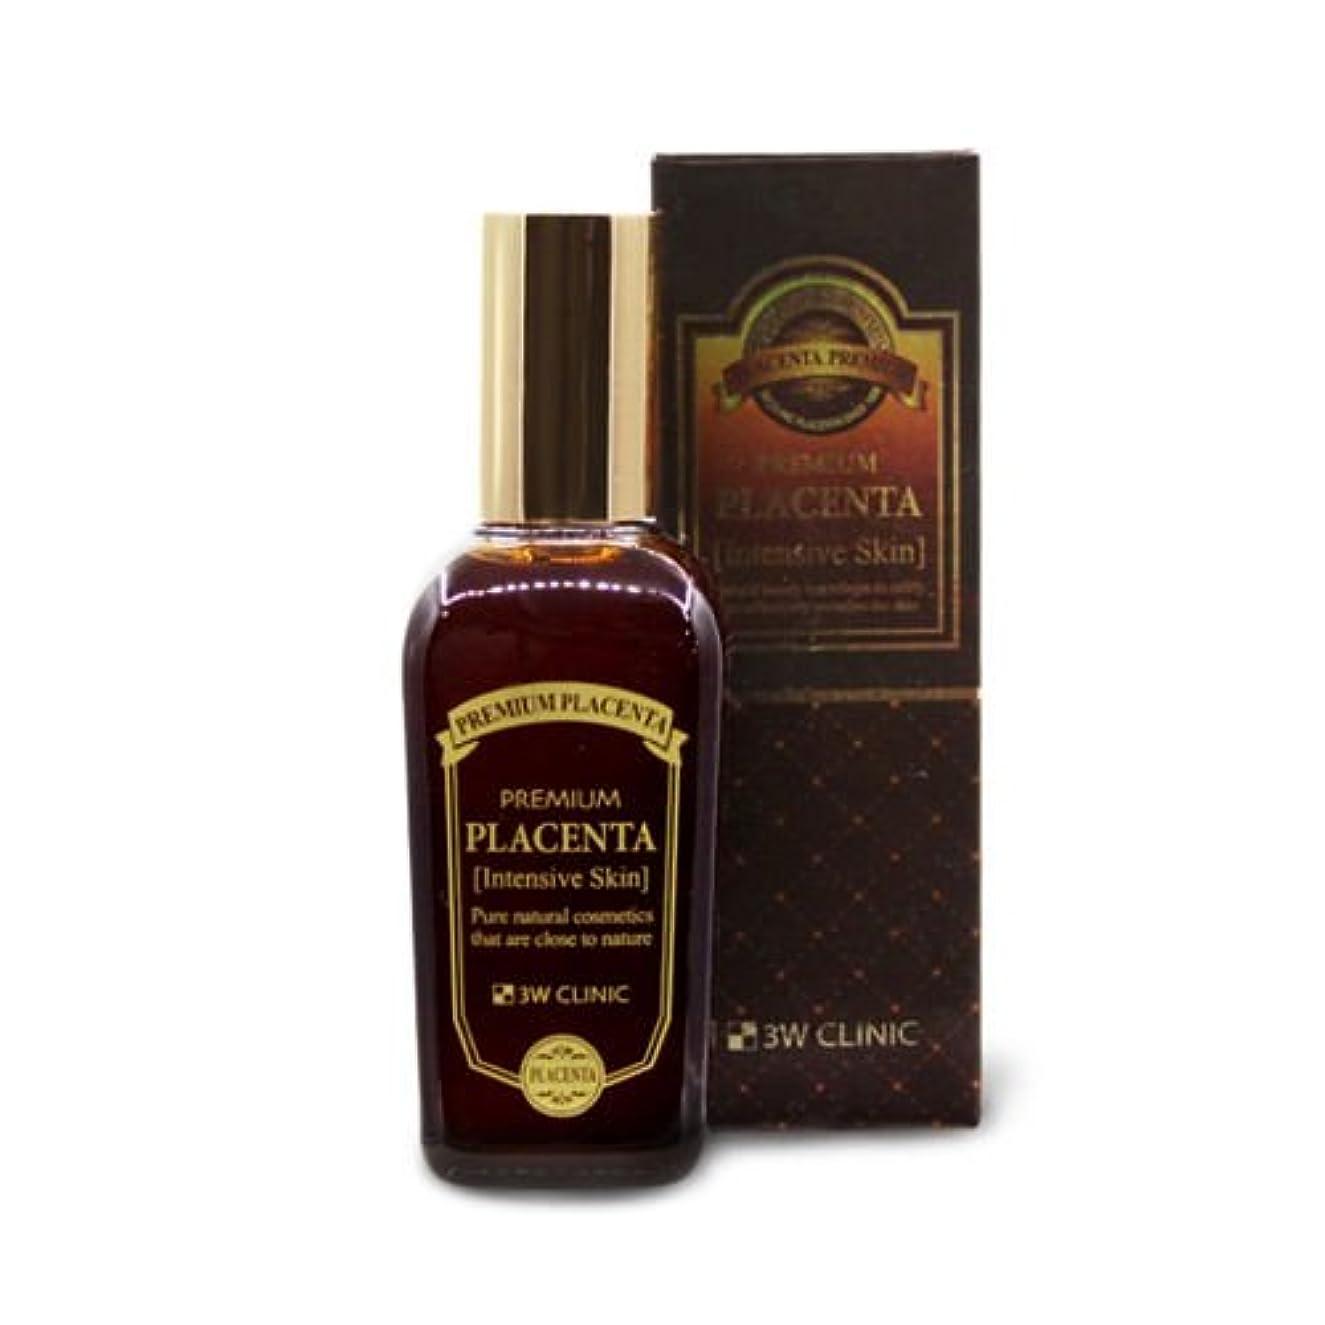 戦士不調和保護3Wクリニック[韓国コスメ3w Clinic]Premium Placenta Intensive Skin プレミアムプラセンタインテンシブスキン145ml[並行輸入品]